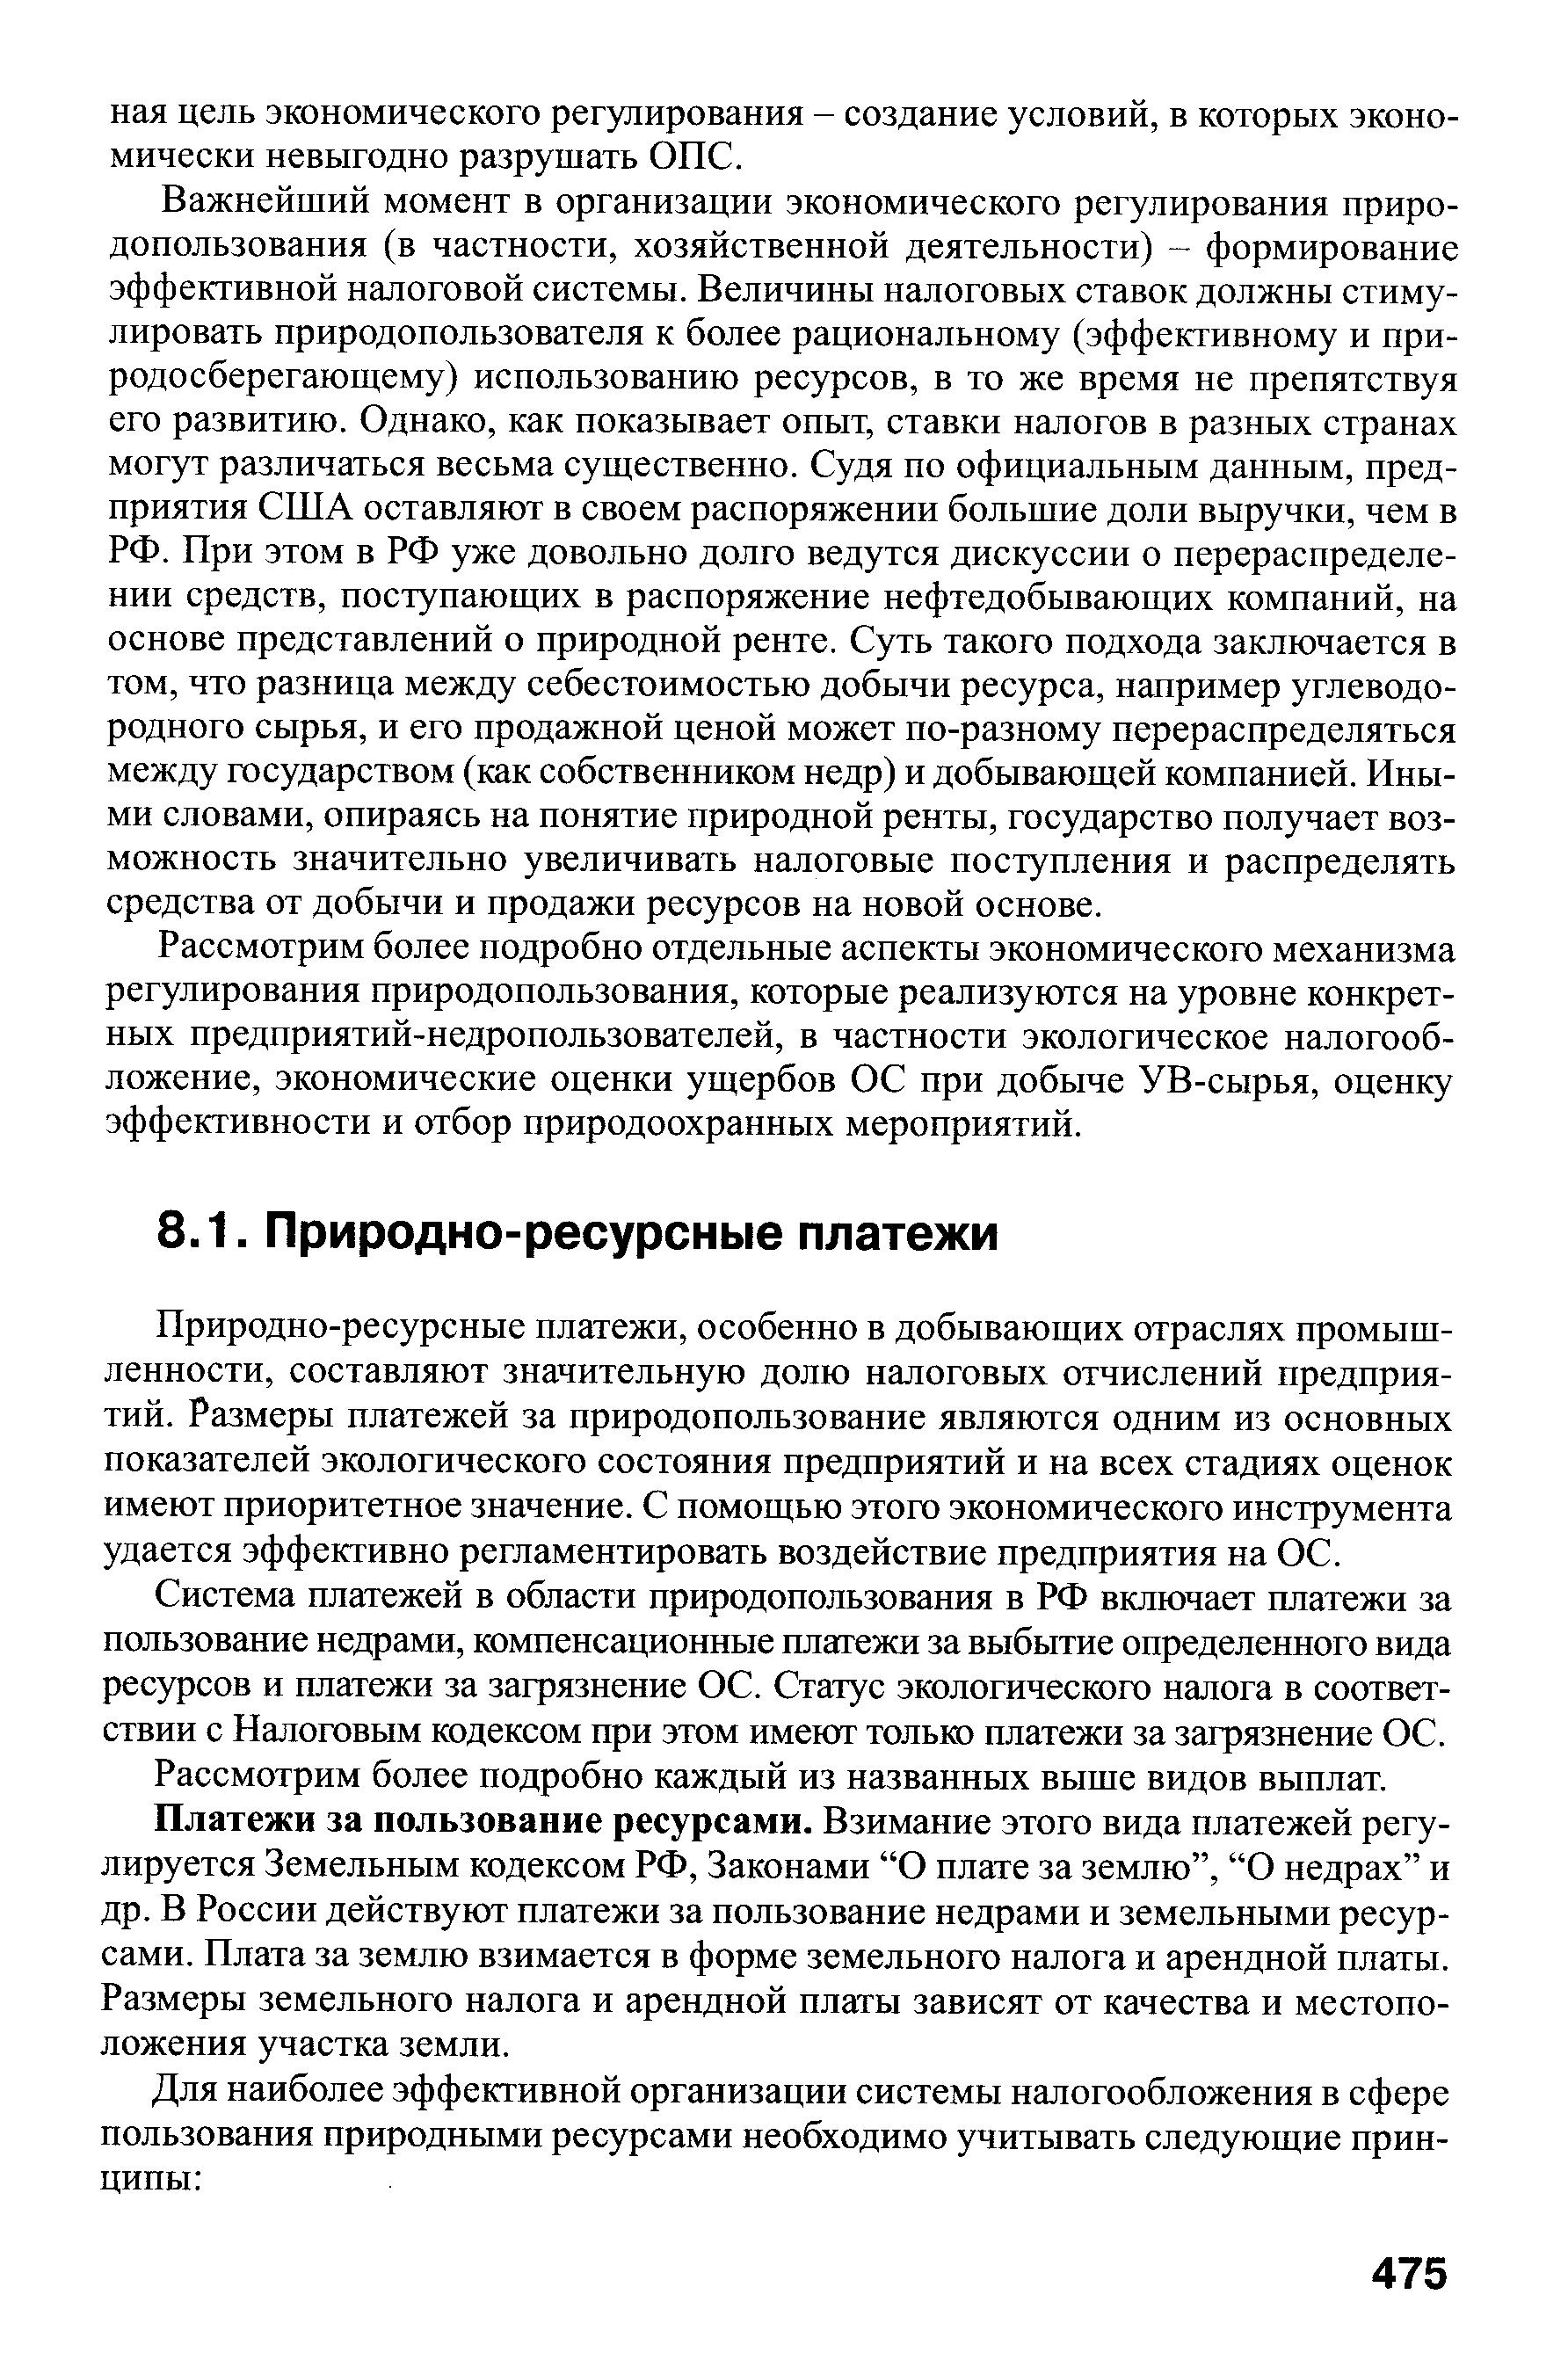 Ресурсное состояние человека. как войти в ресурсное состояние?